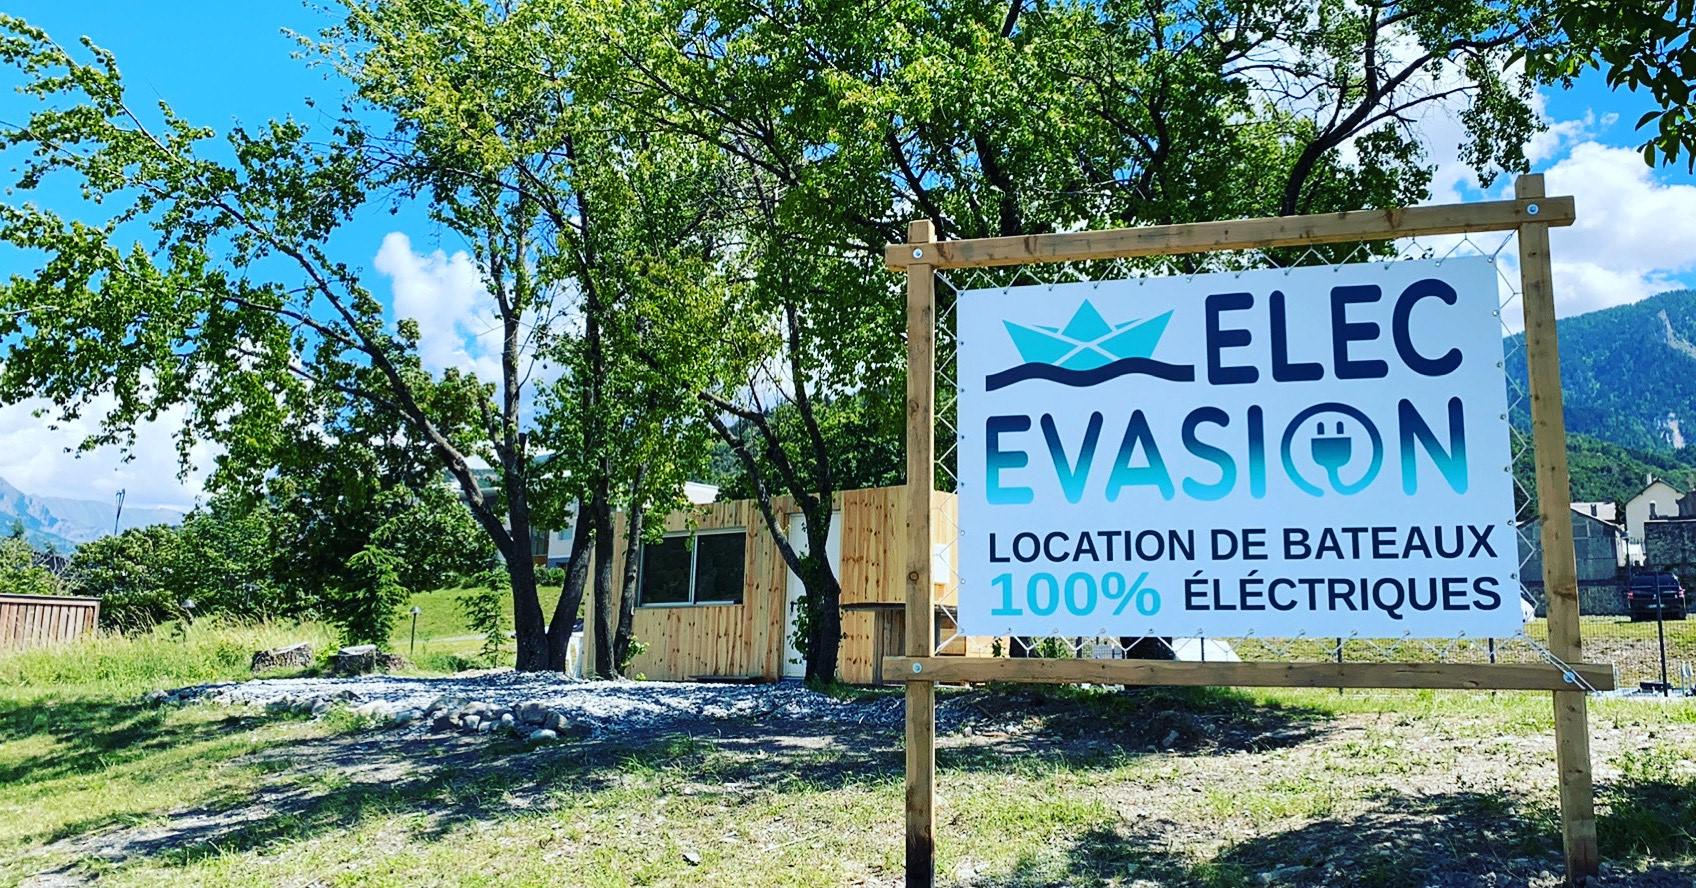 ELEC EVASION Location de bateaux électriques